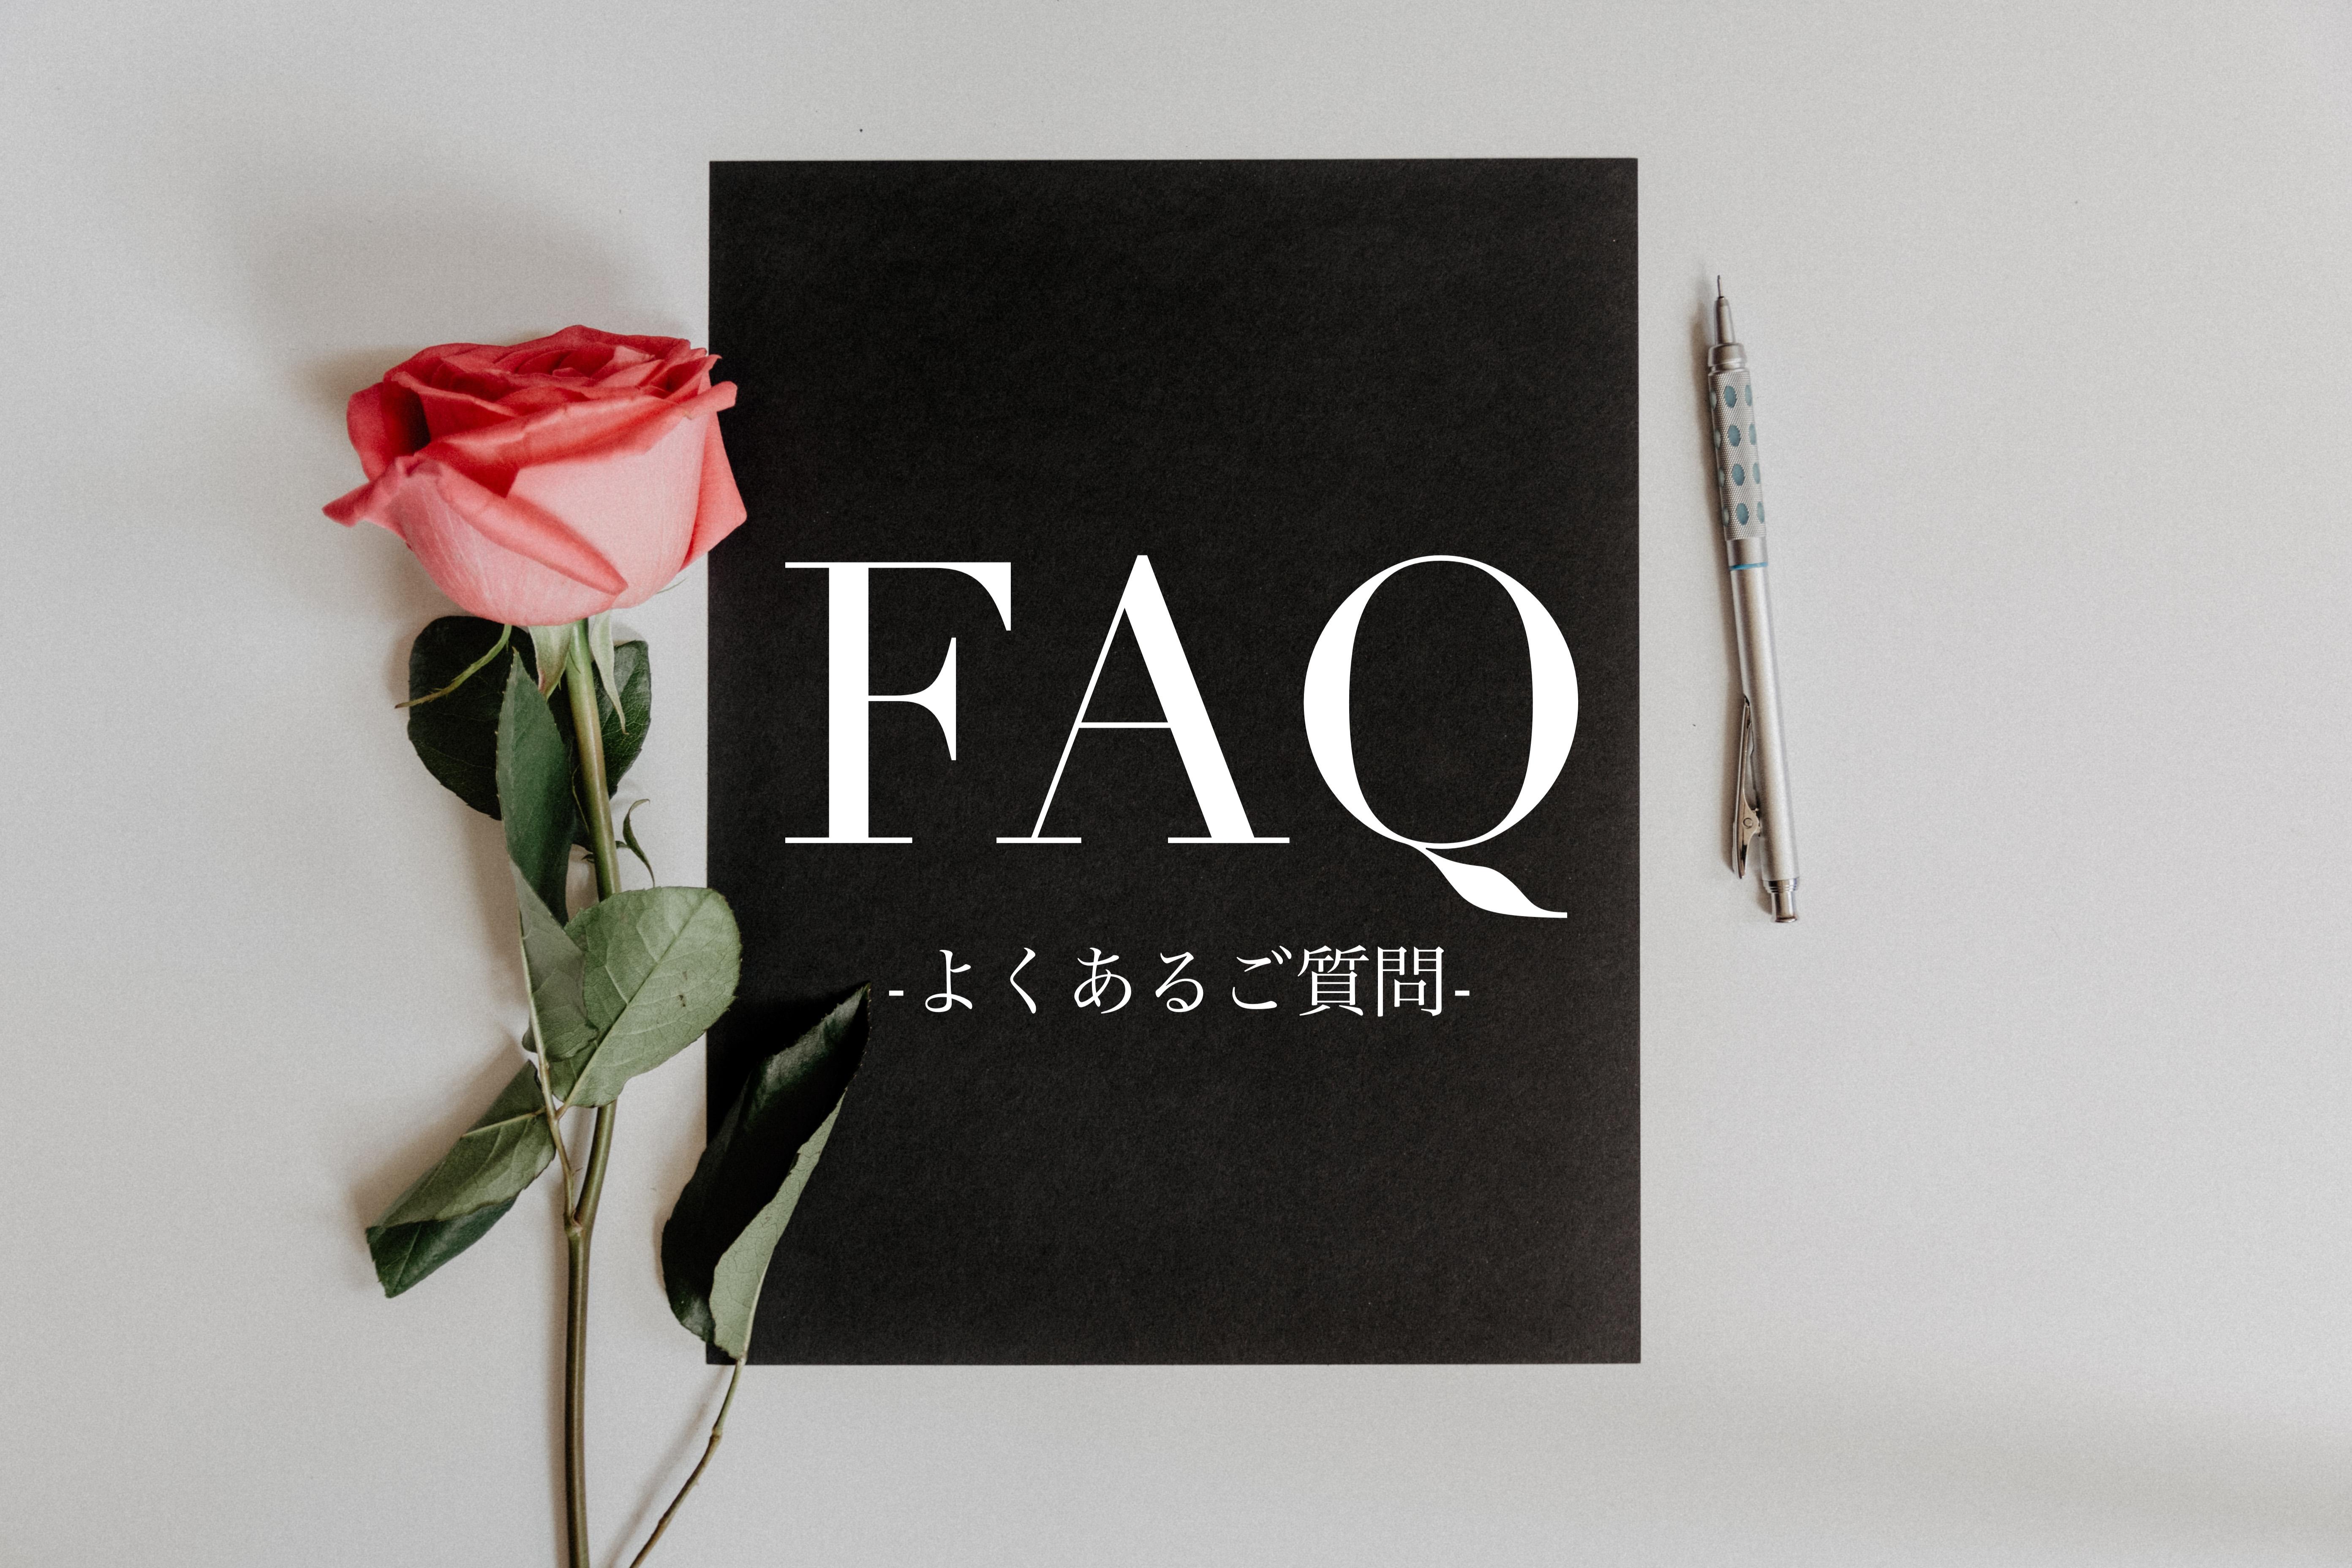 よくあるご質問 ※お問い合わせ前に必ずご一読ください